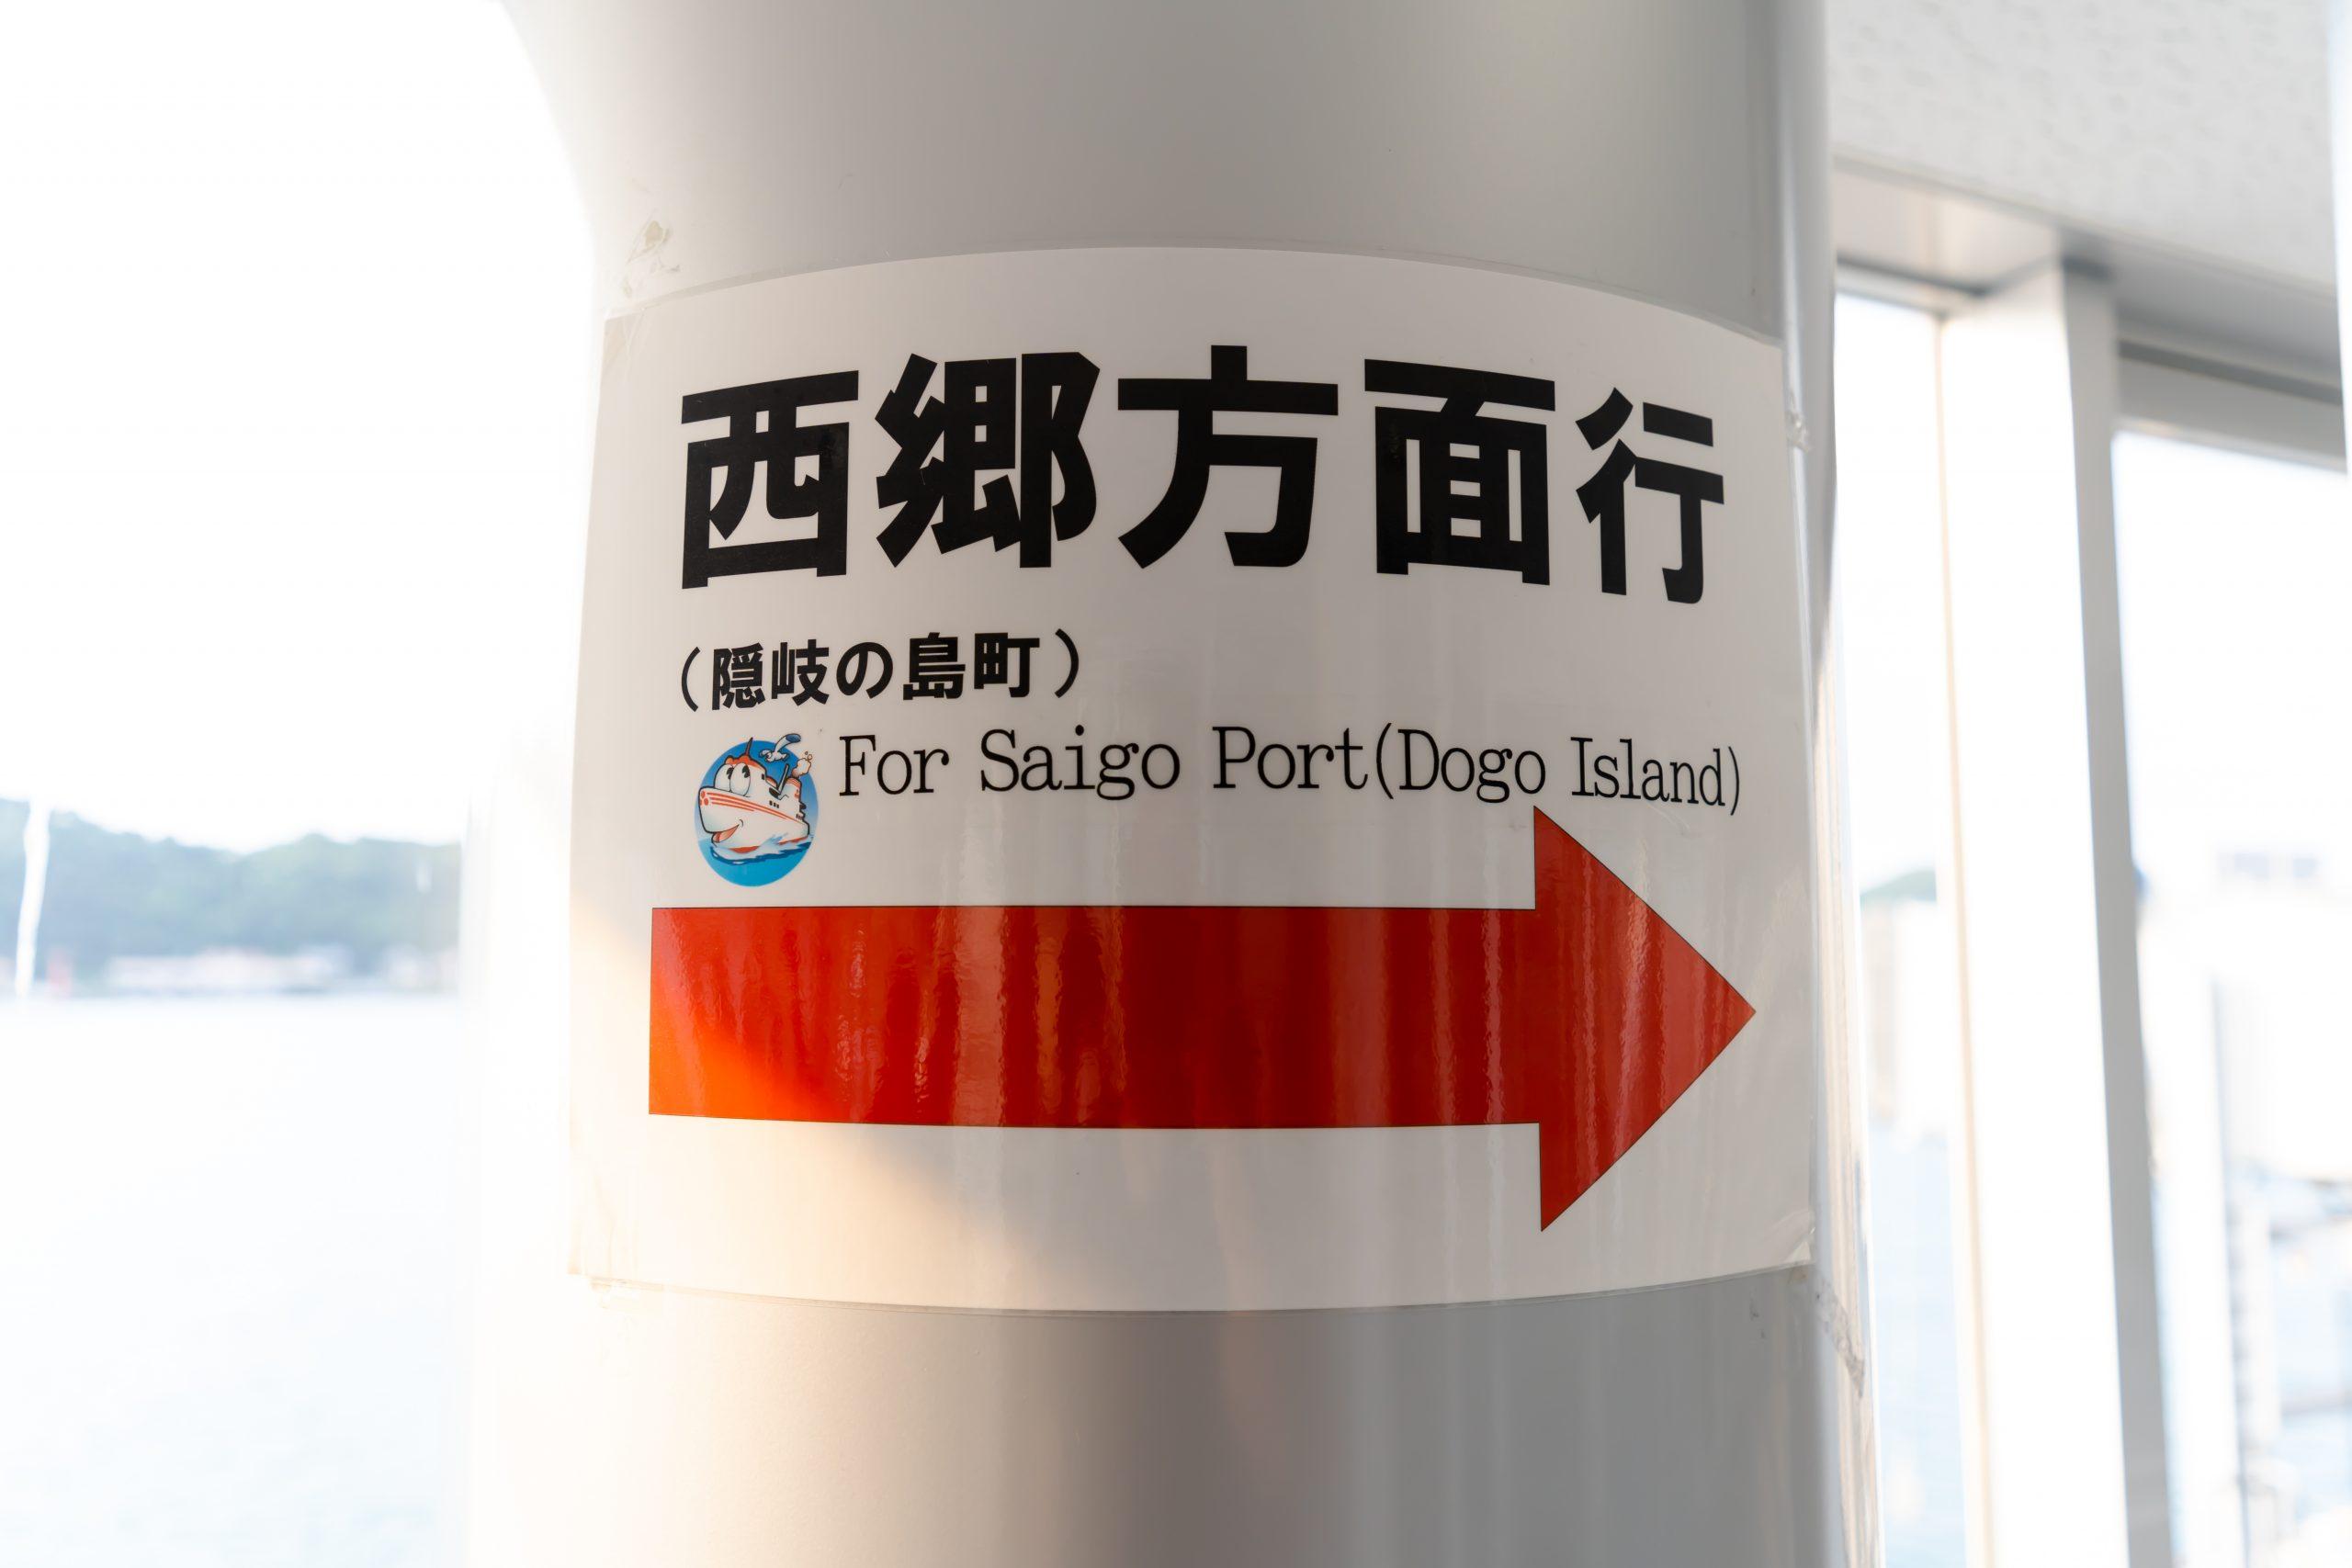 Shichirui Port